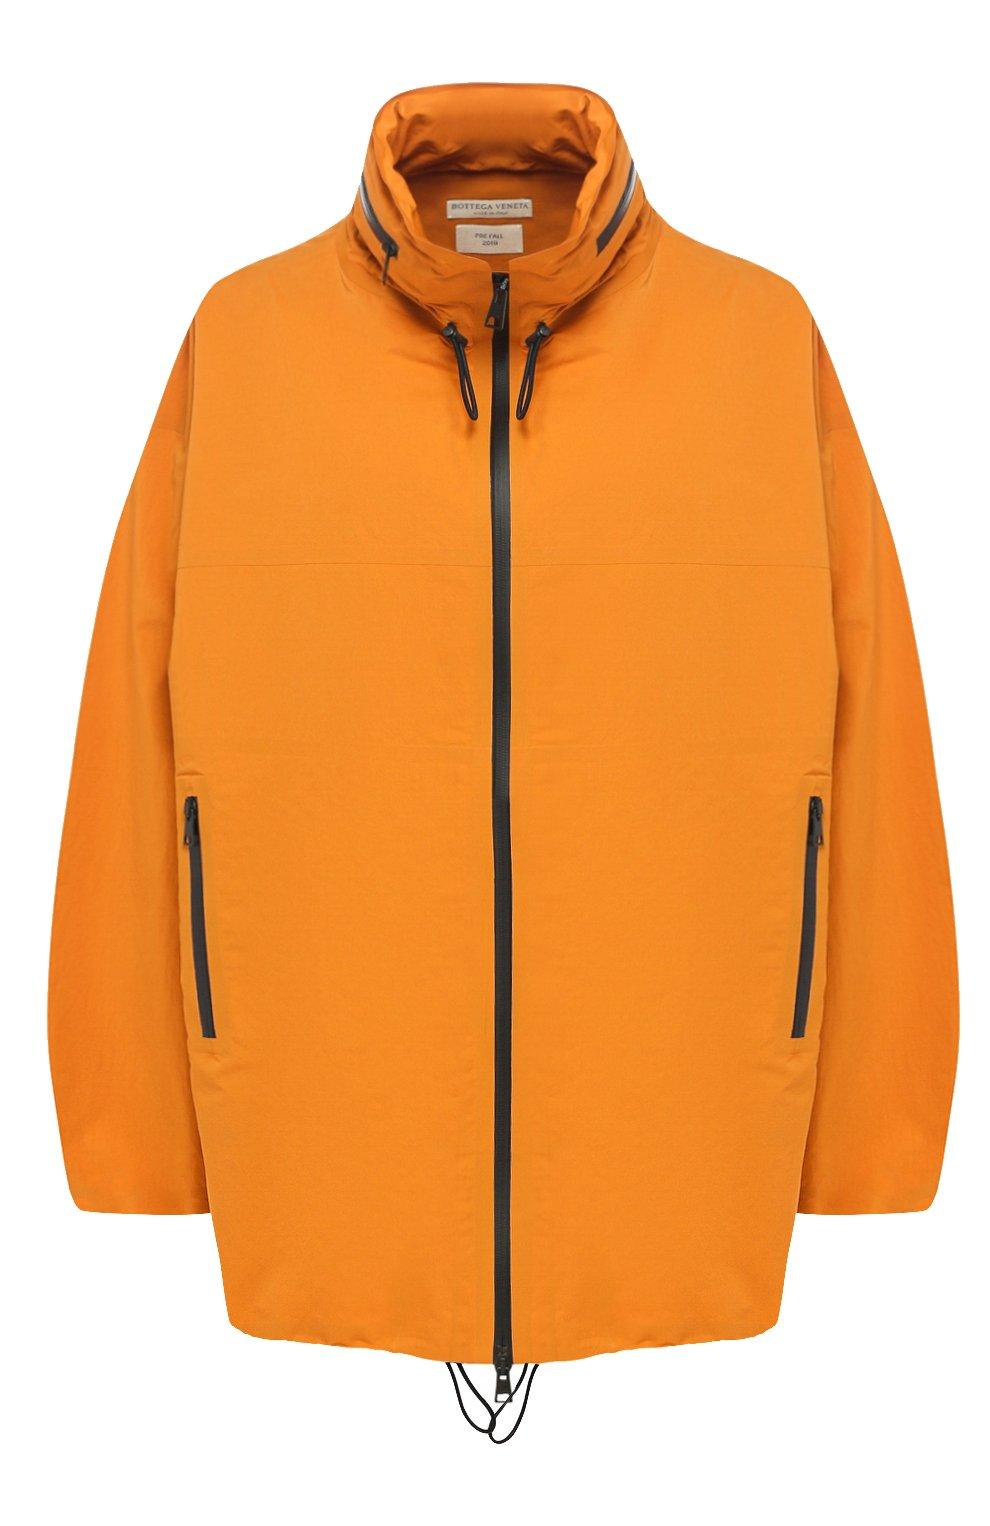 Женская куртка BOTTEGA VENETA оранжевого цвета, арт. 573035/VF4K0   Фото 1